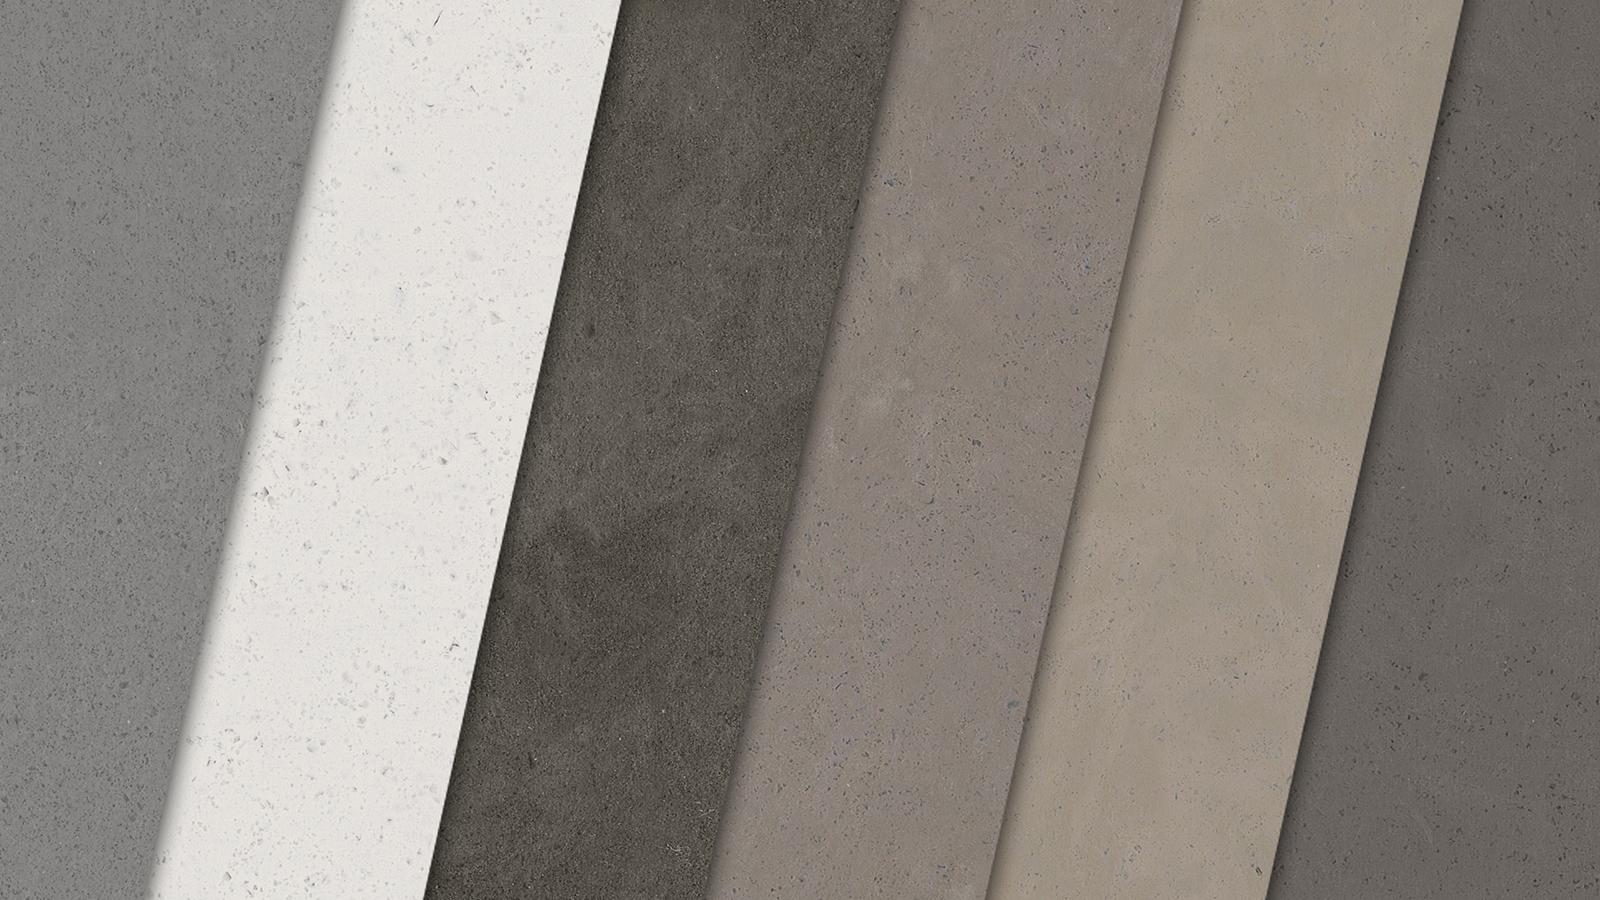 New Shower Walls Colors: Concrete